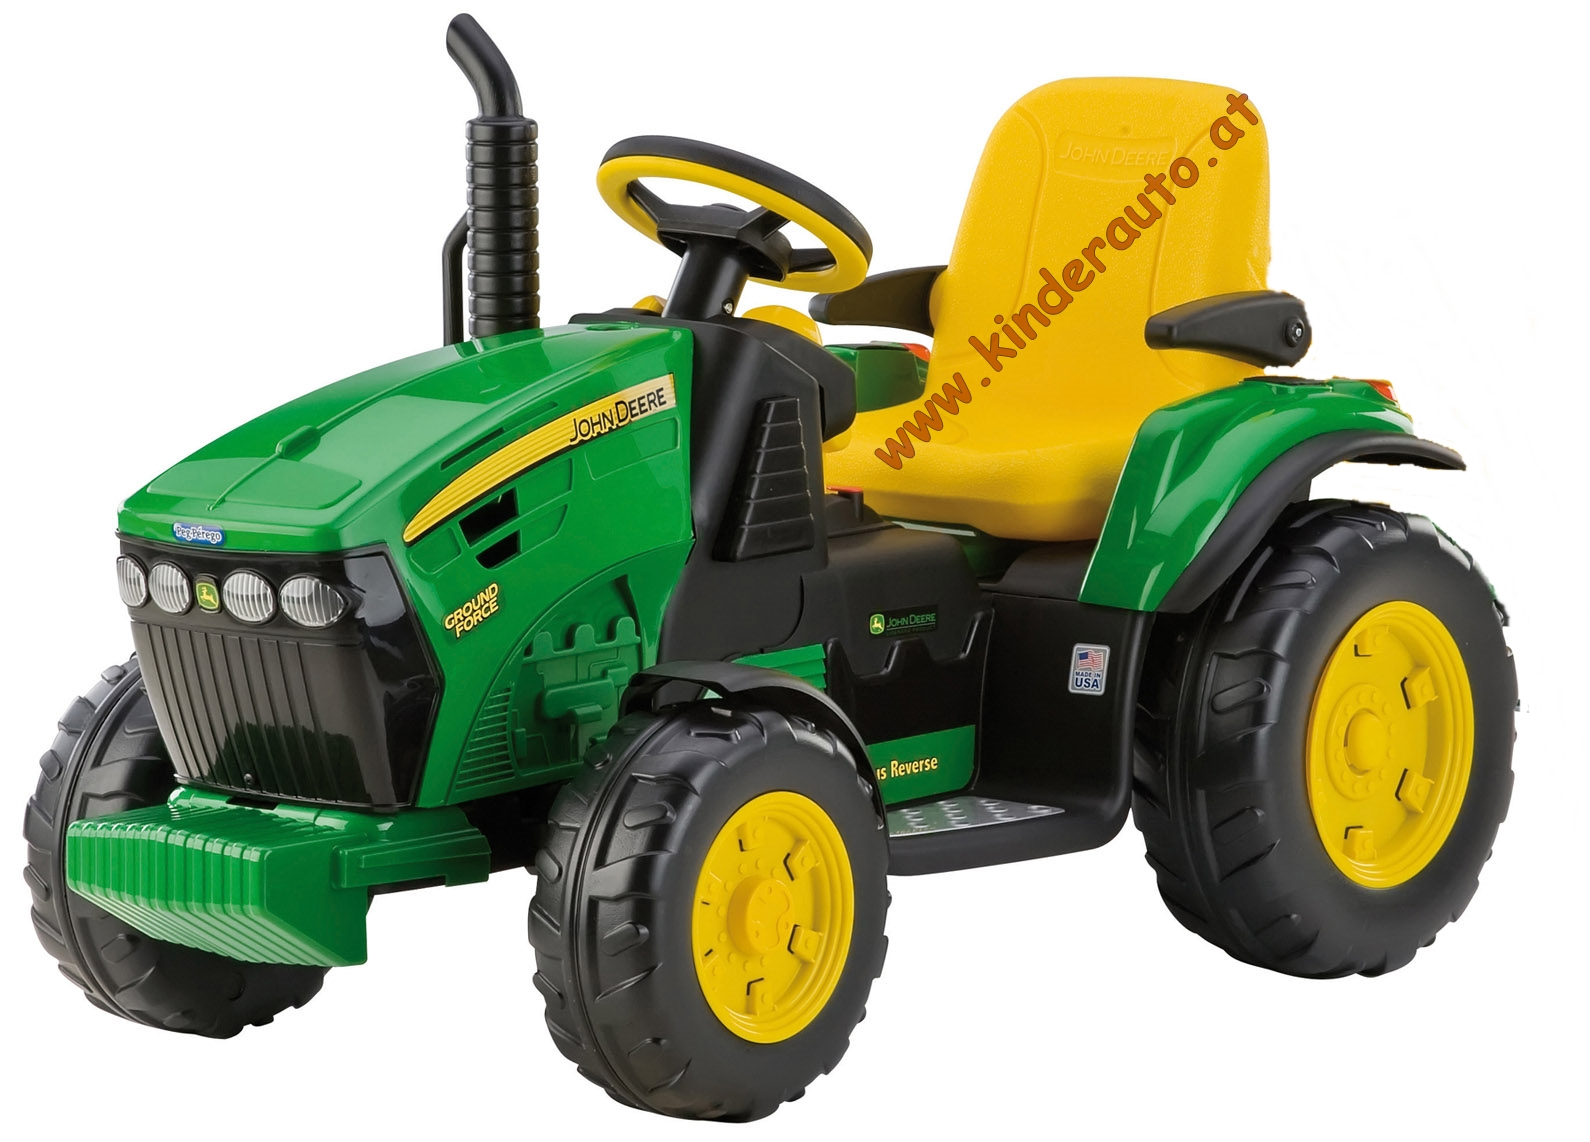 12v peg perego john deere ground force elektro traktor billiger ohne anh nger kinderauto. Black Bedroom Furniture Sets. Home Design Ideas